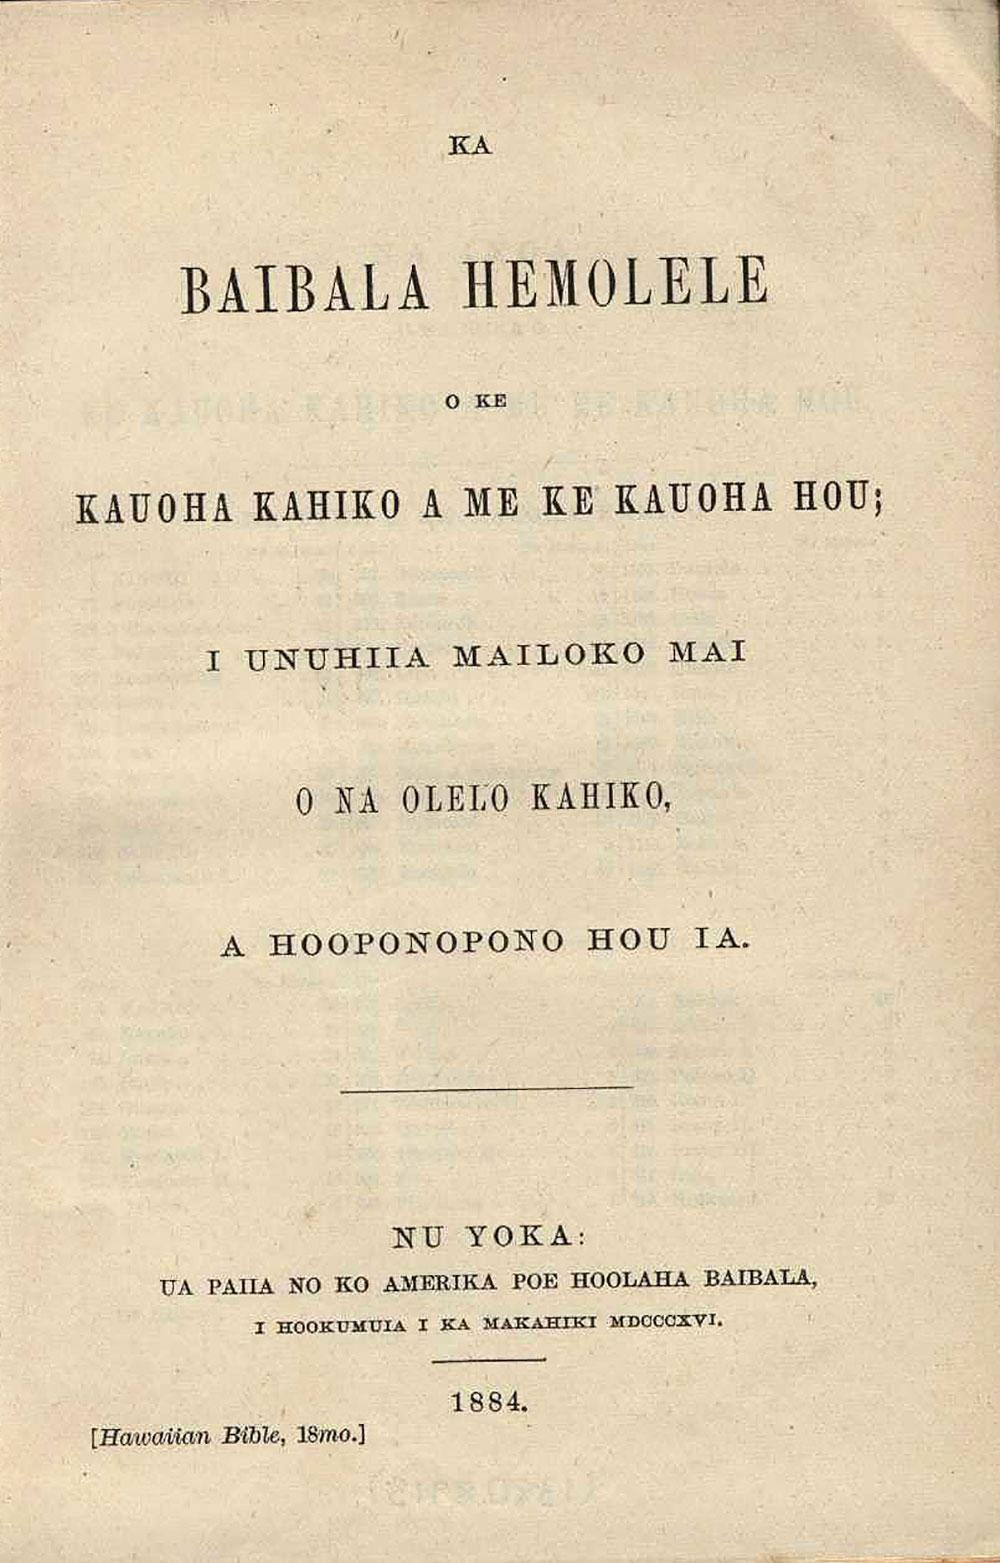 [Bible in Hawaiian]. <em>Ka Baibala Hemolele o ke Kauoha kahiko a me ke Kauoha hou.</em> Nu Yoka: Ua paiia no ko Amerika poe hoolaha Baibala, 1884.